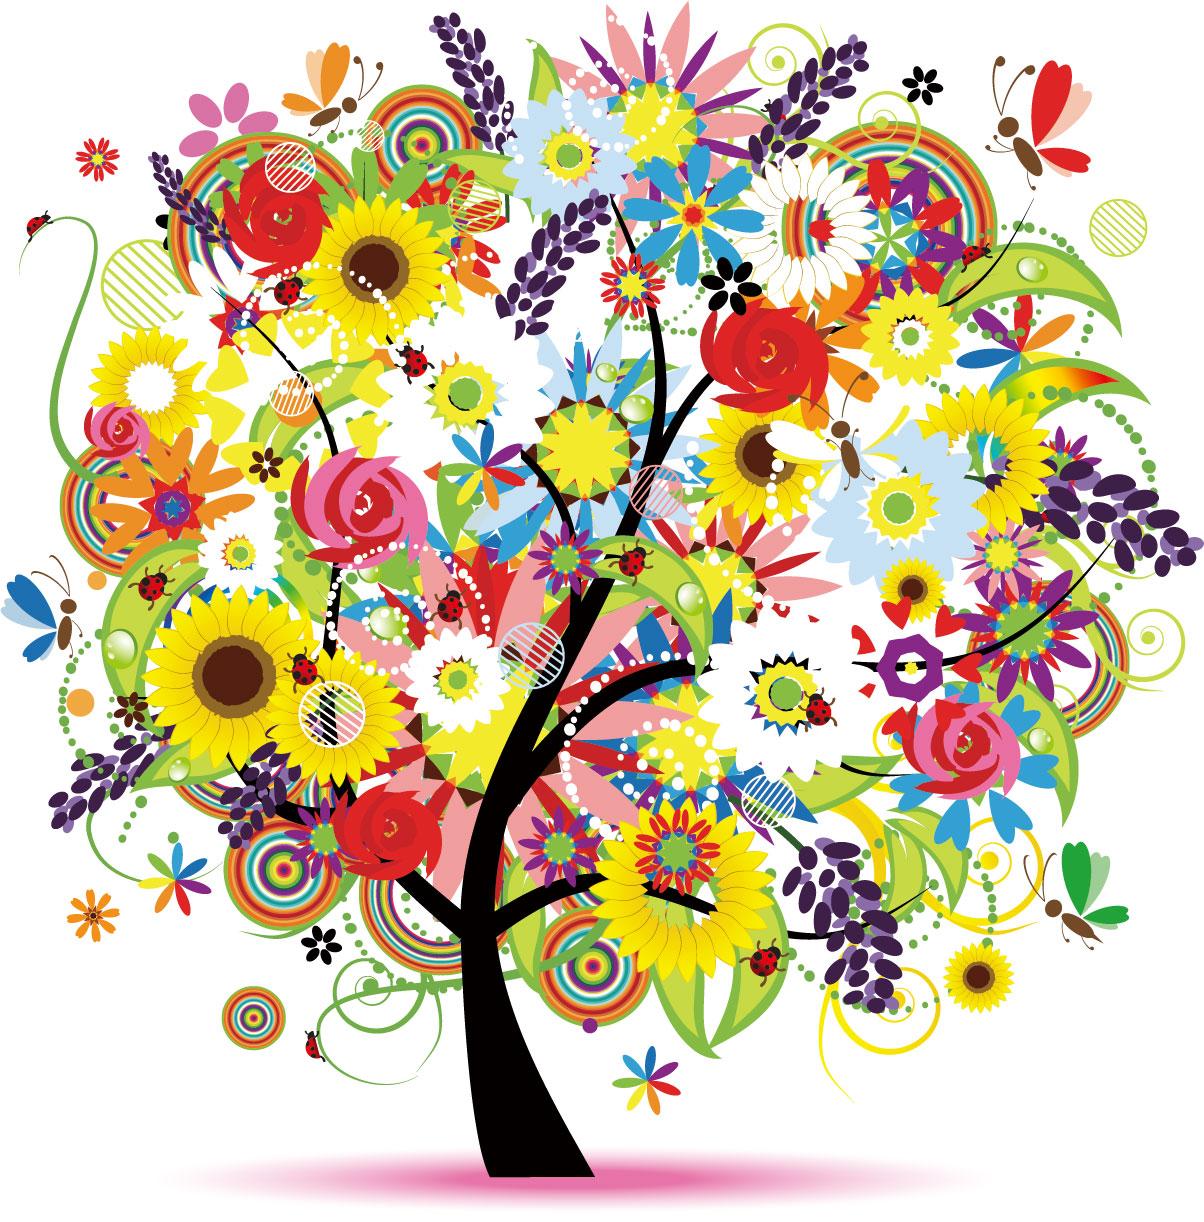 ポップでかわいい花のイラスト・フリー素材/no.263『カラフルツリー』